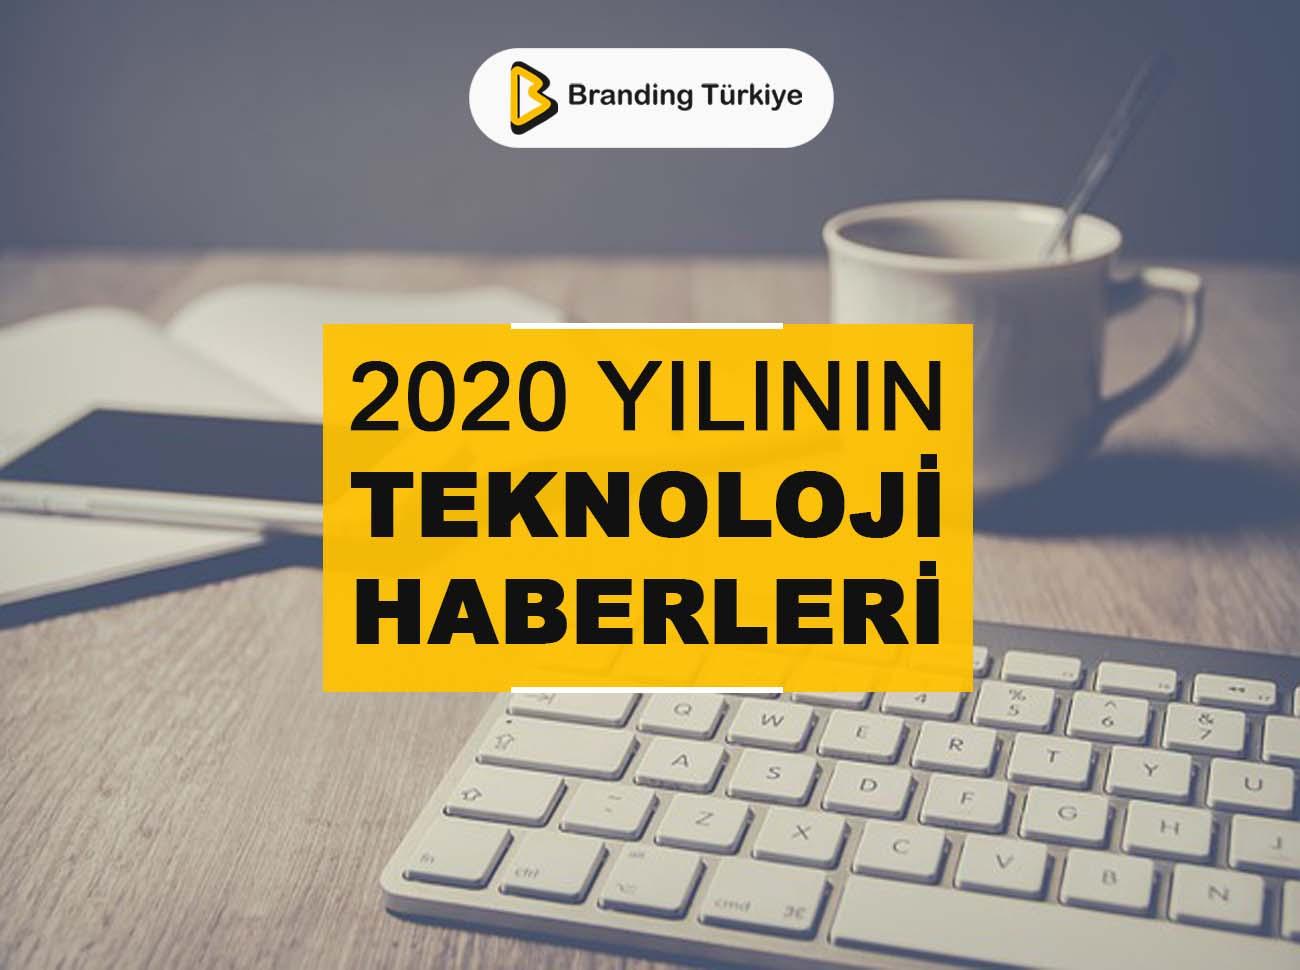 2020 Yılının Teknoloji Haberleri